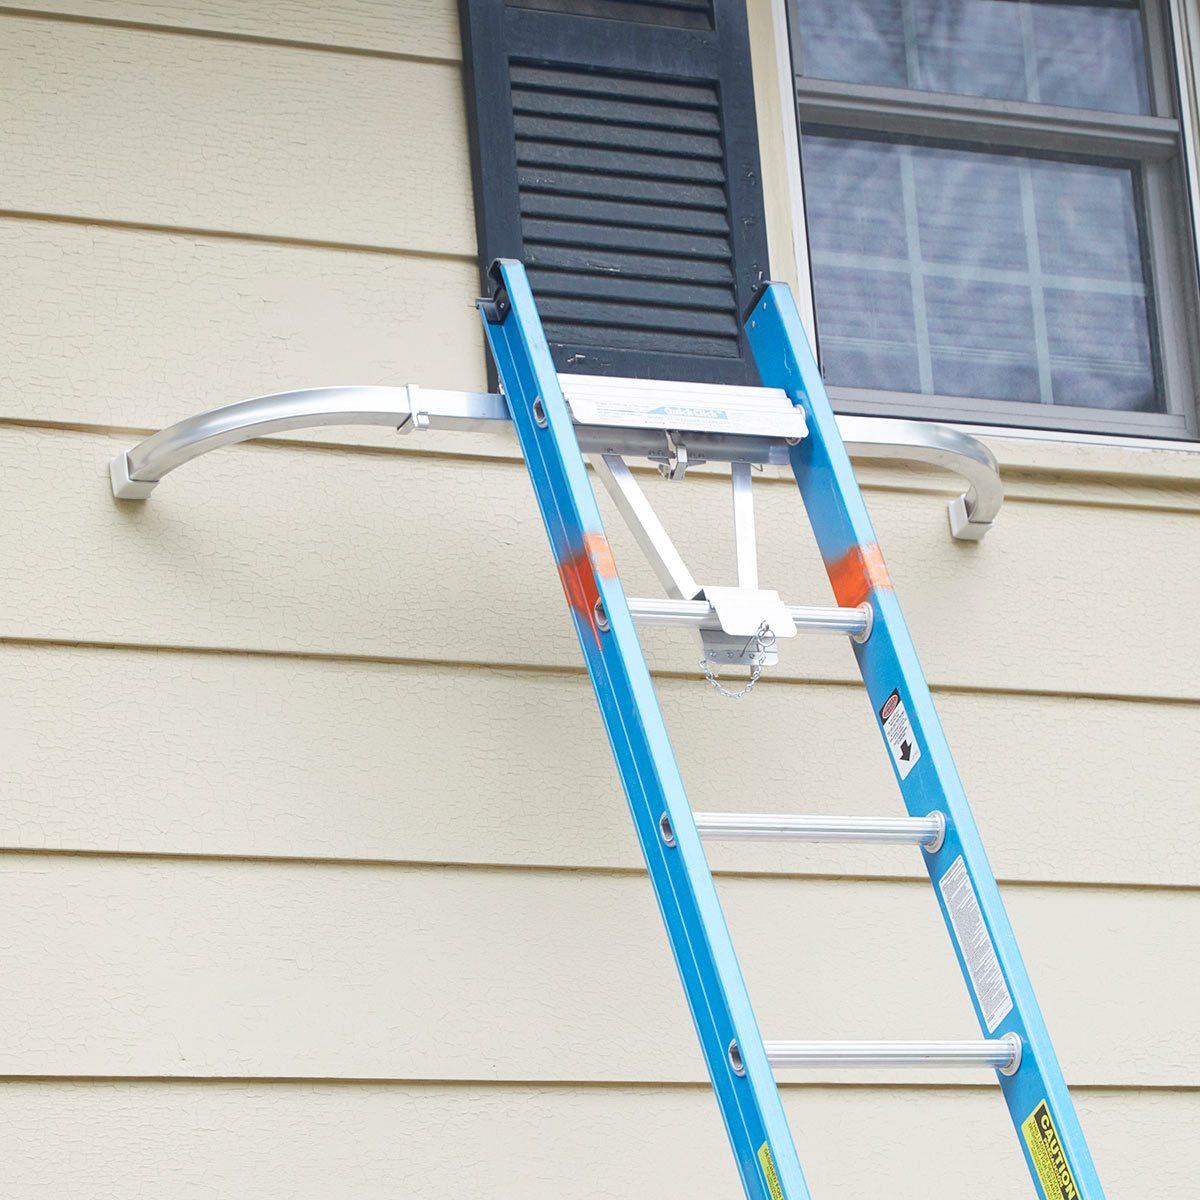 Ladder stabilizer